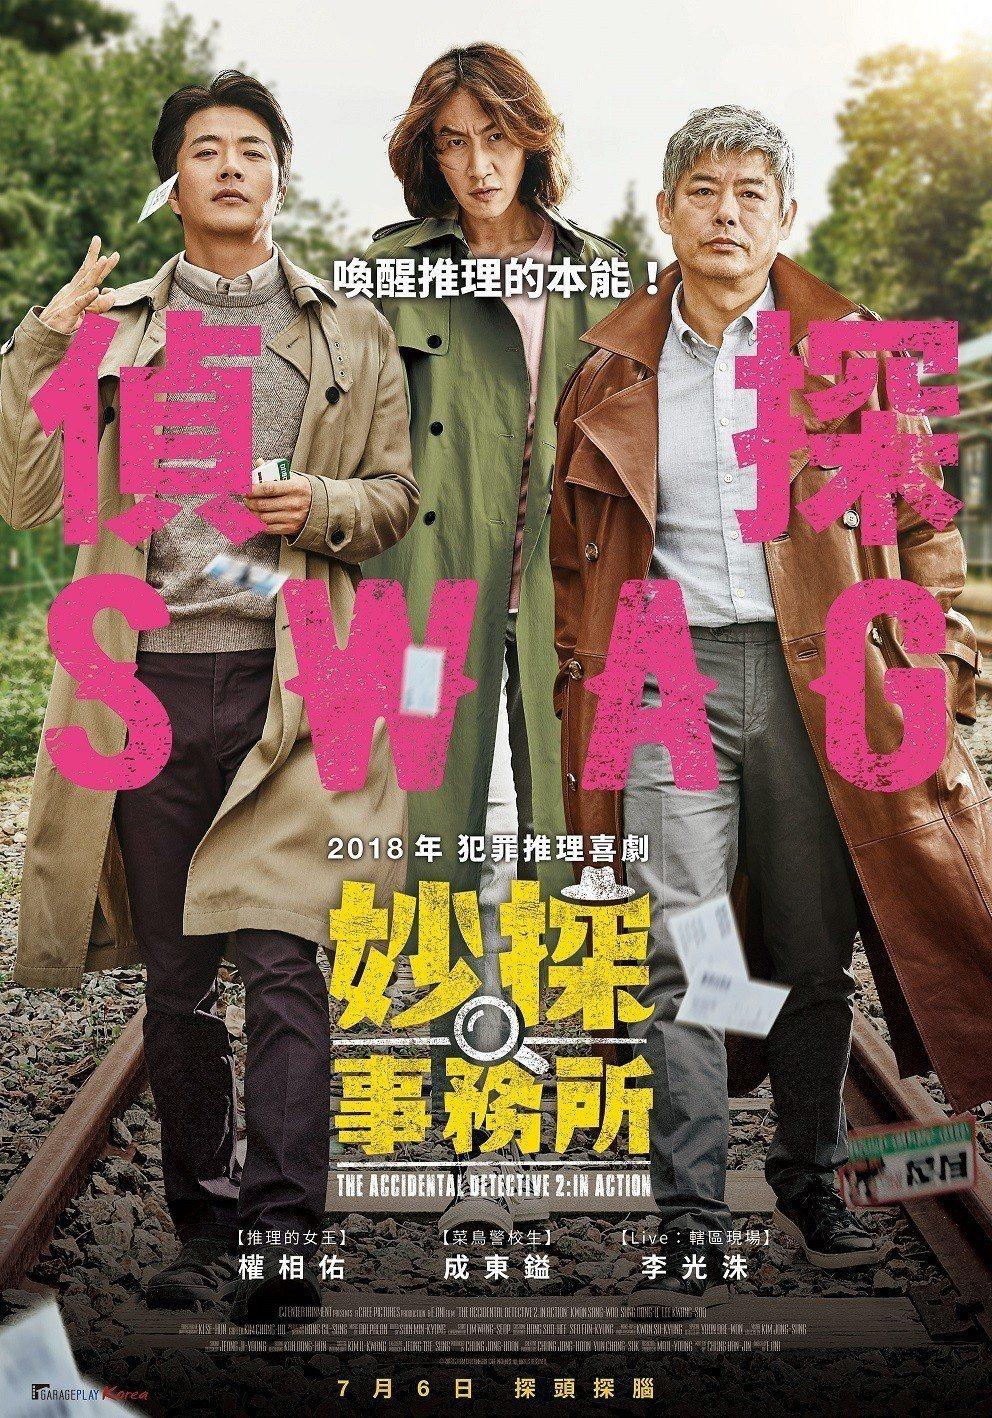 權相佑、李光洙和成東日合演偵探新片「妙探事務所」。圖/車庫娛樂提供